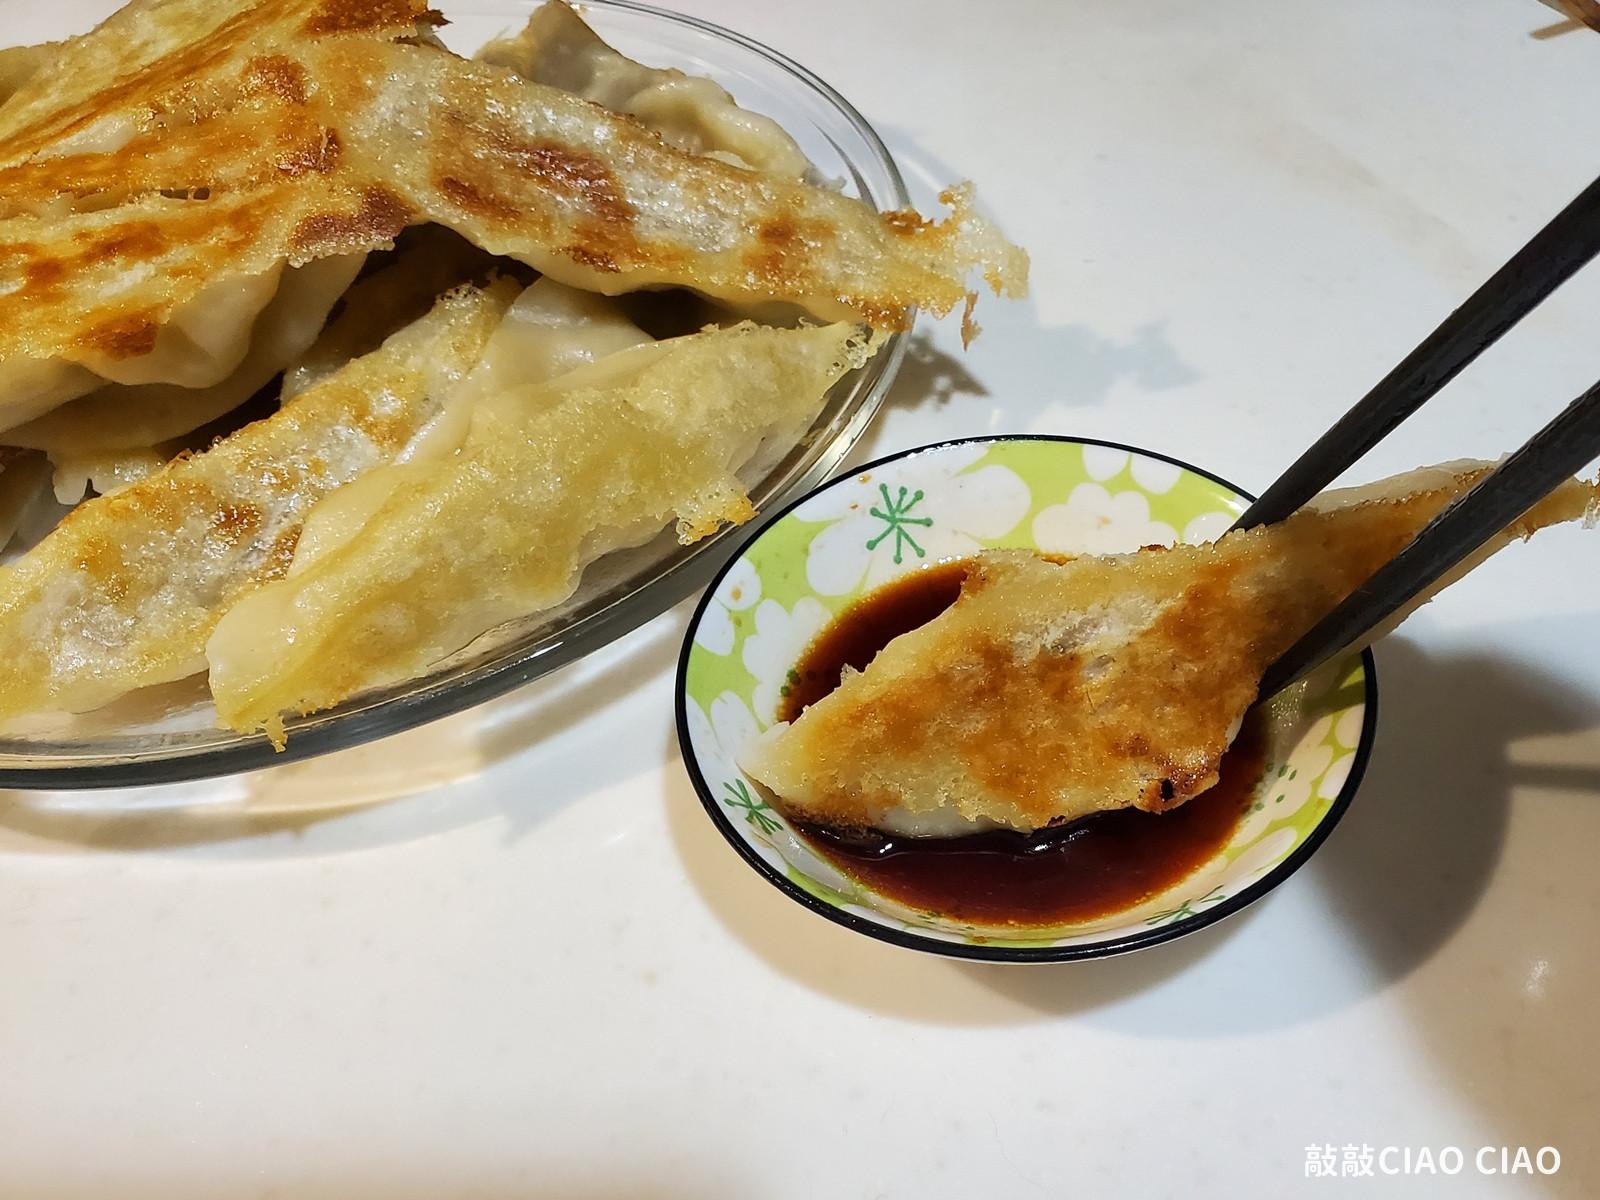 脆皮煎餃、脆皮鍋貼